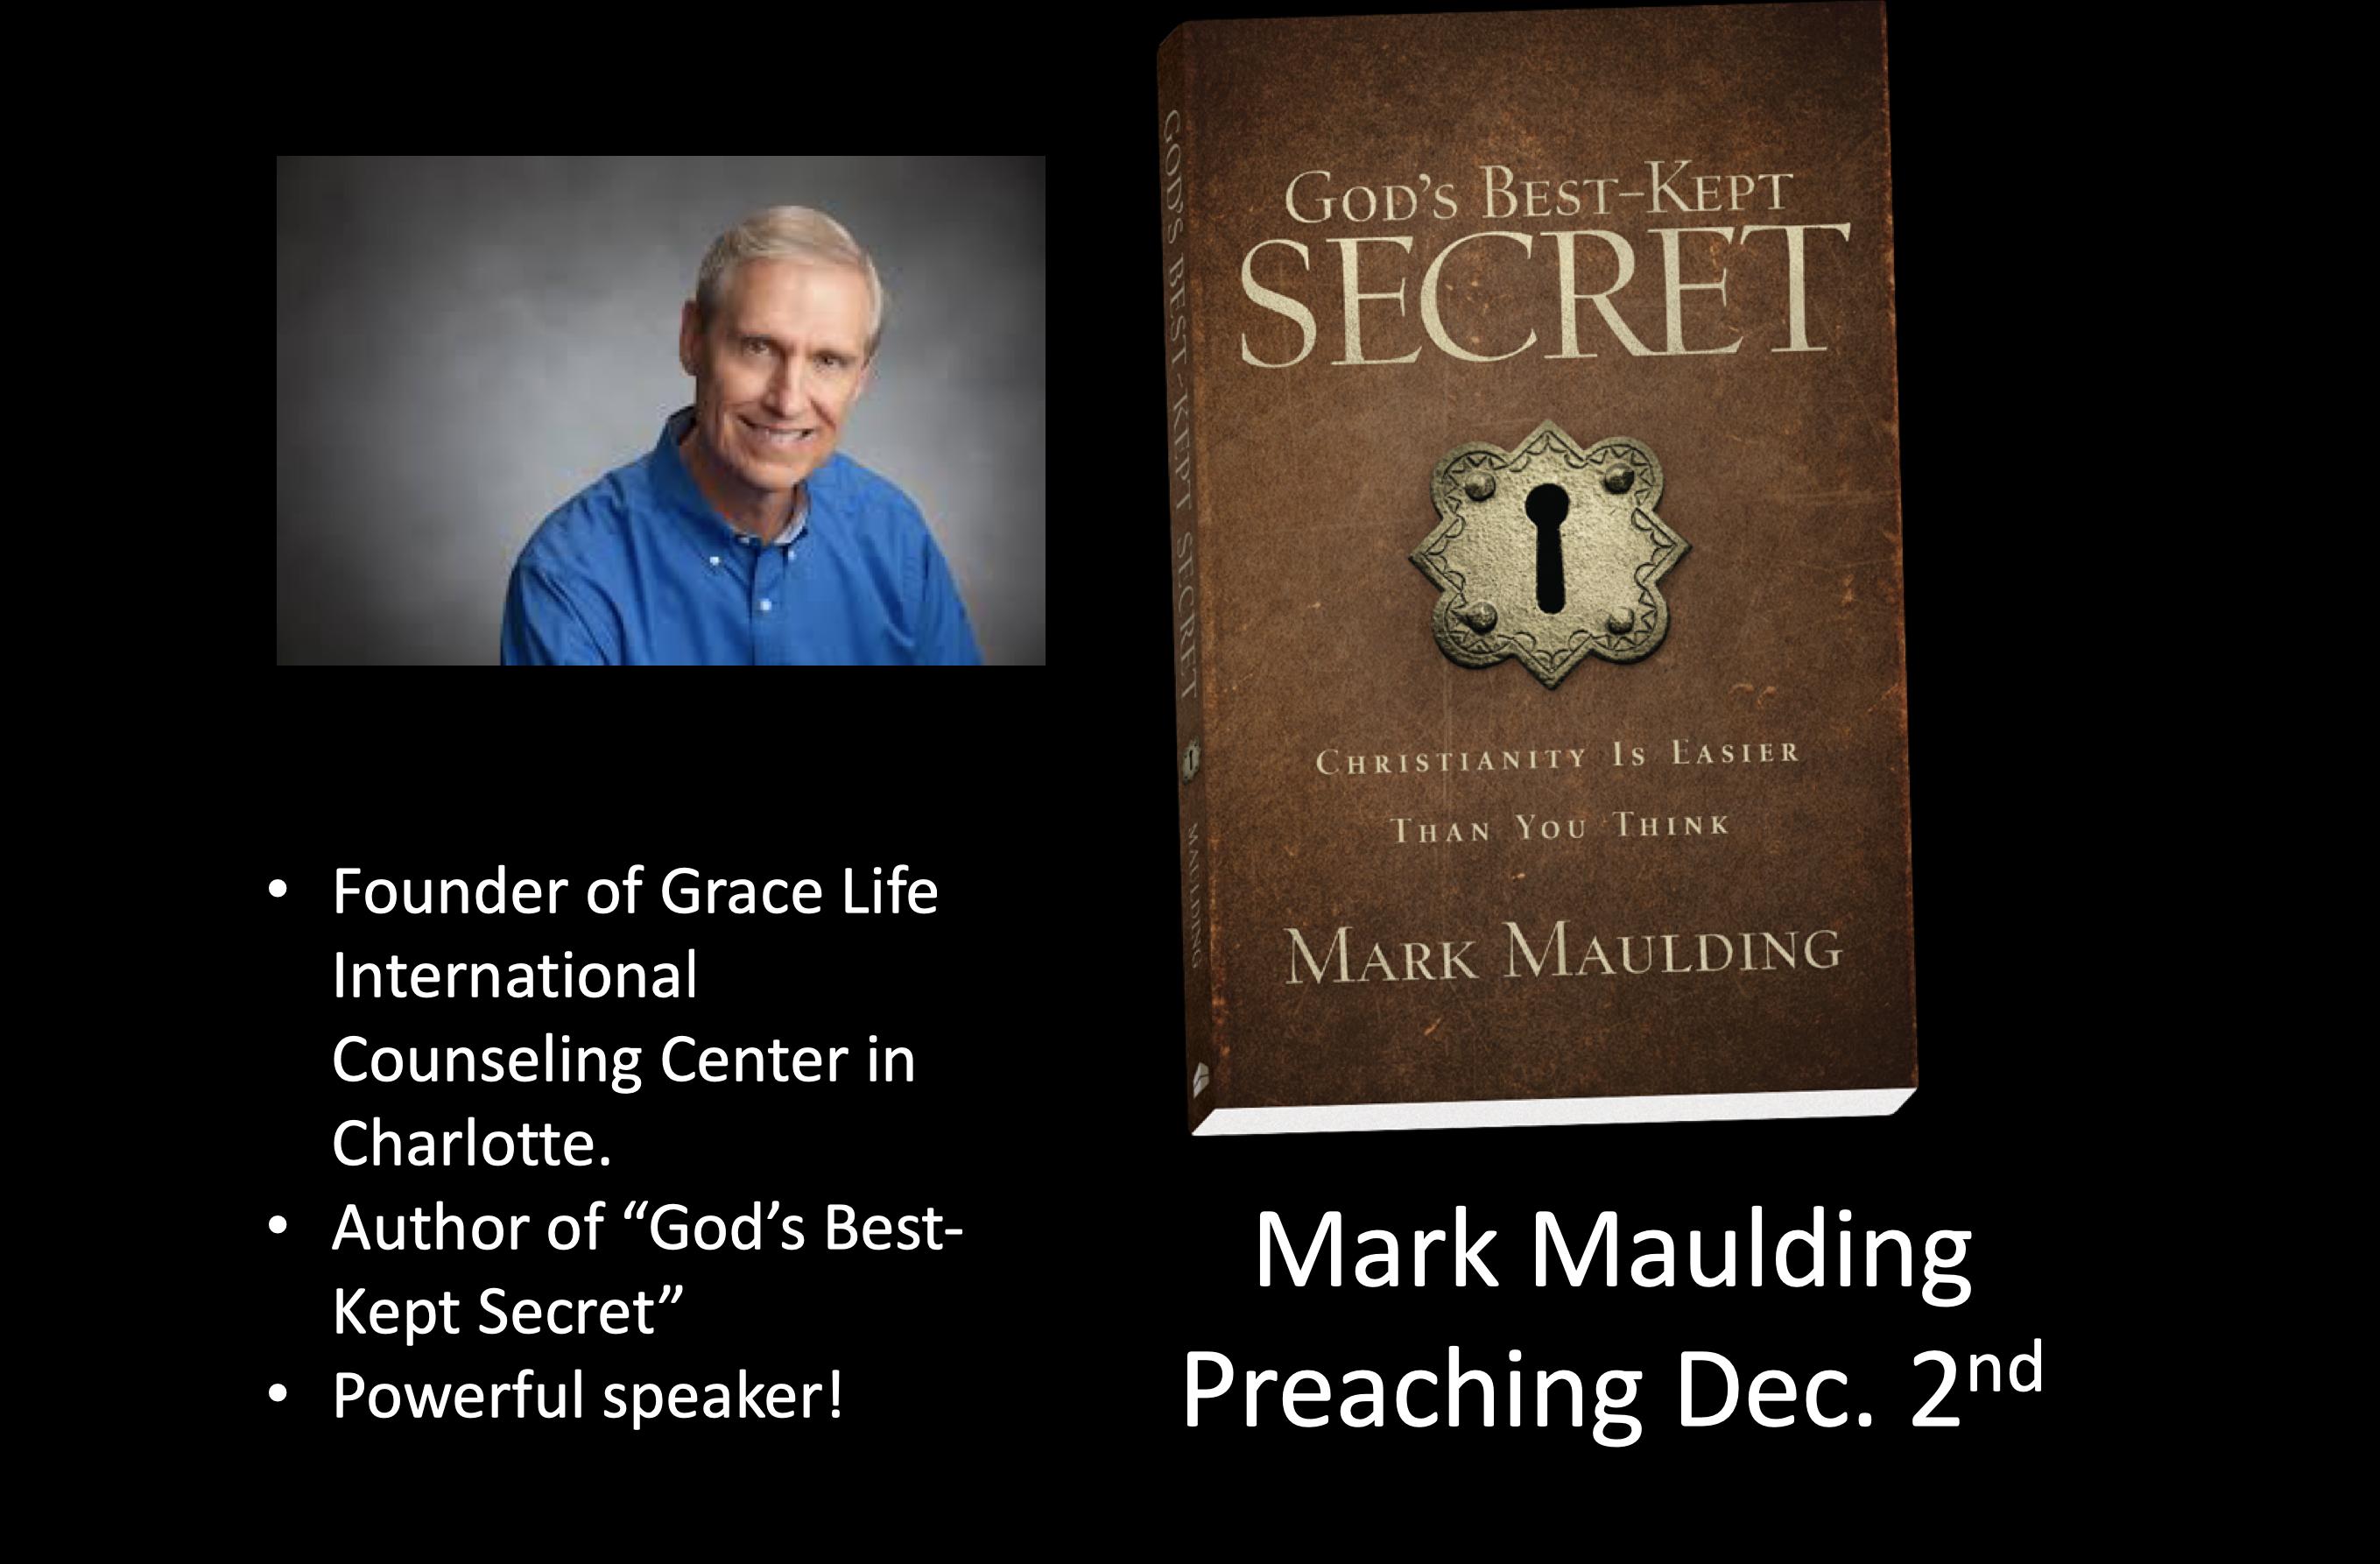 Mark-Maulding